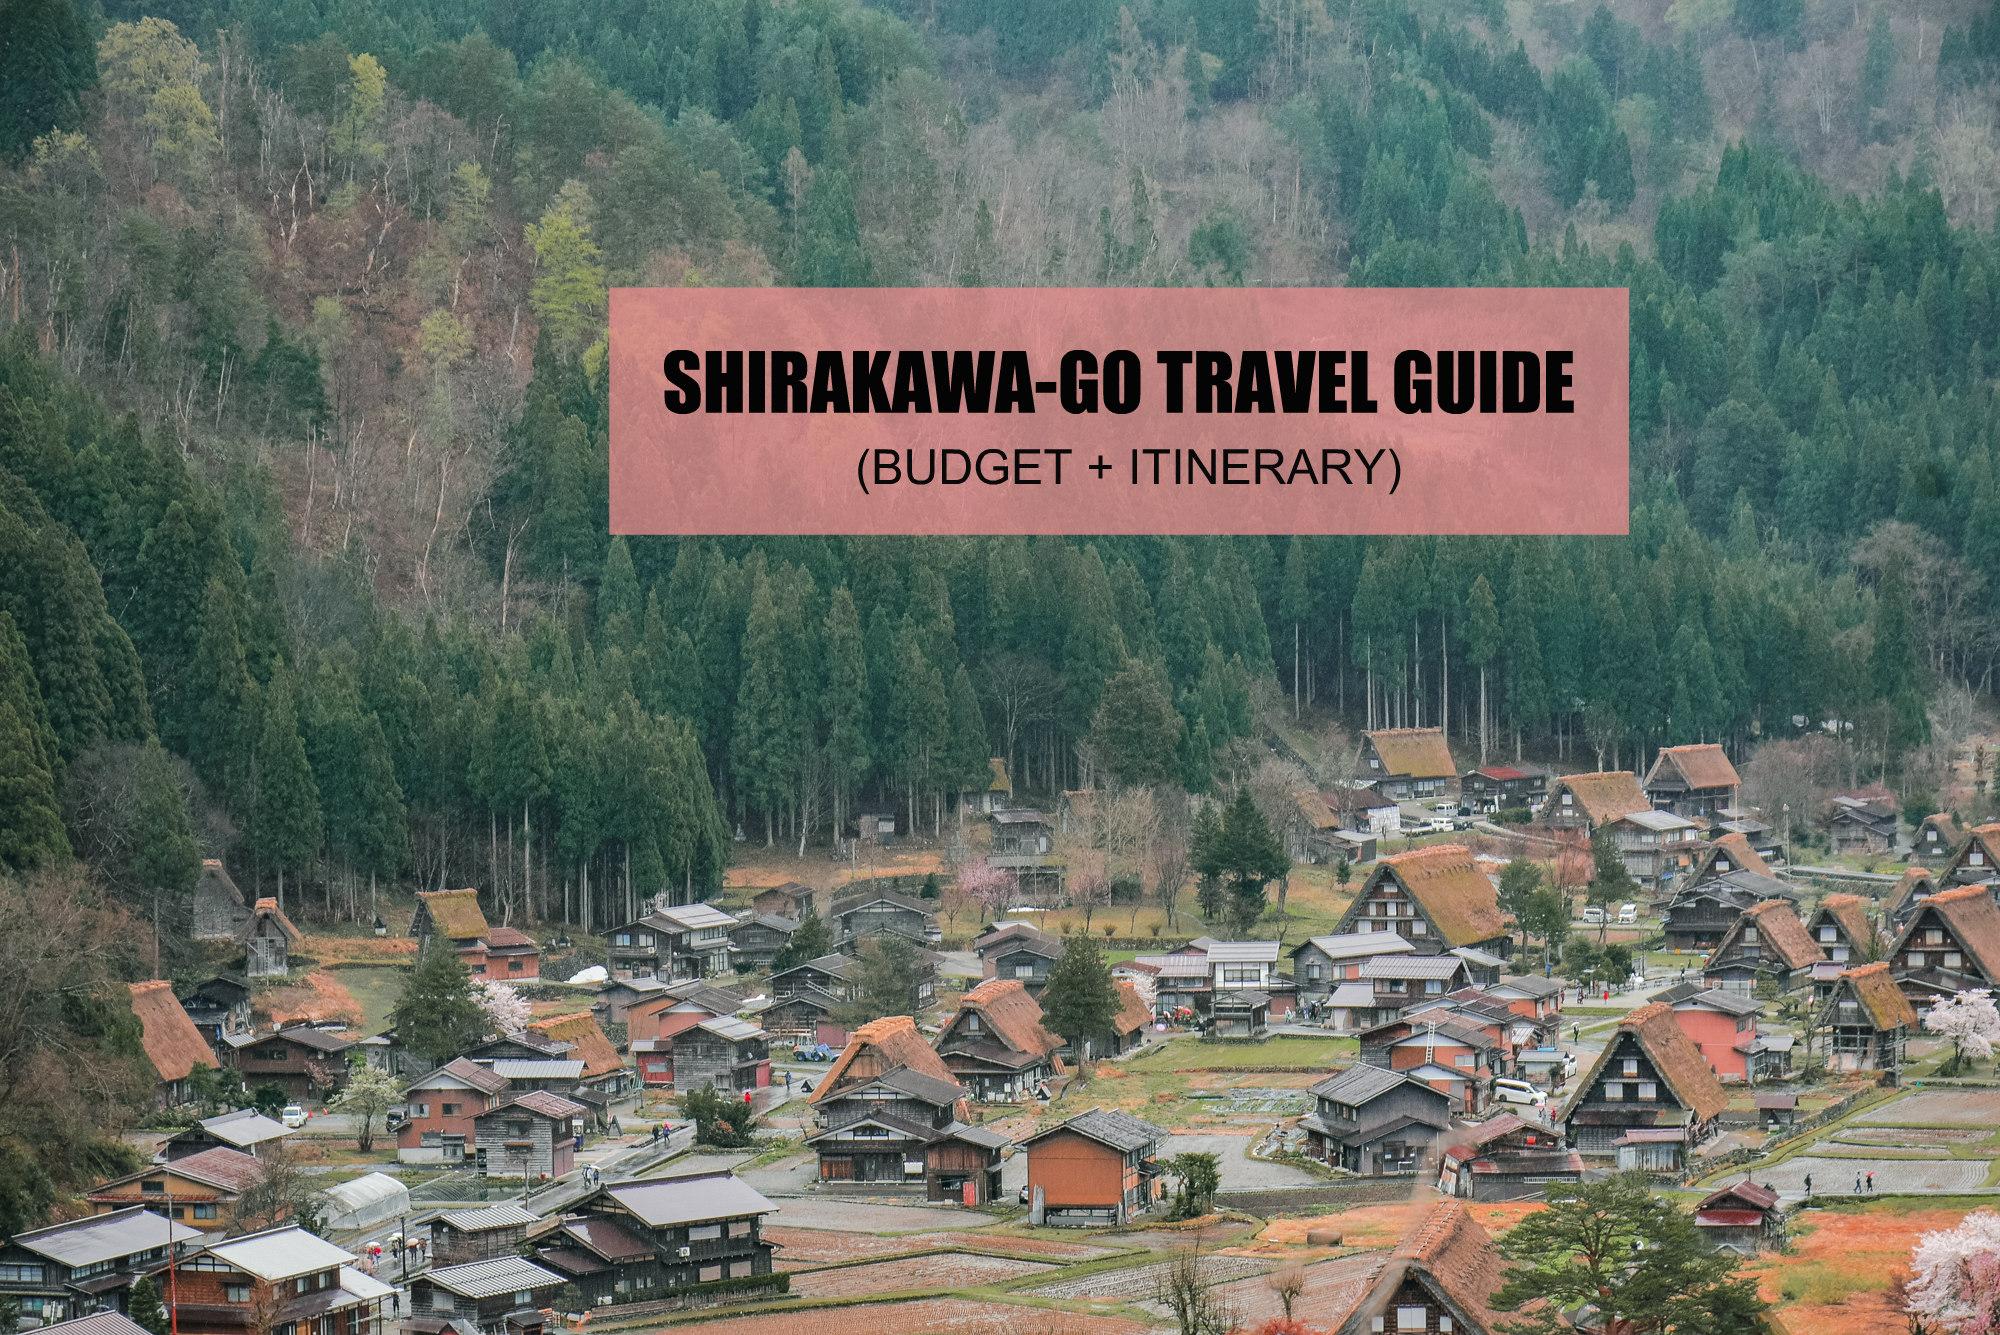 SHIRAKAWA-GO TRAVEL GUIDE (ITINERARY + BUDGET)